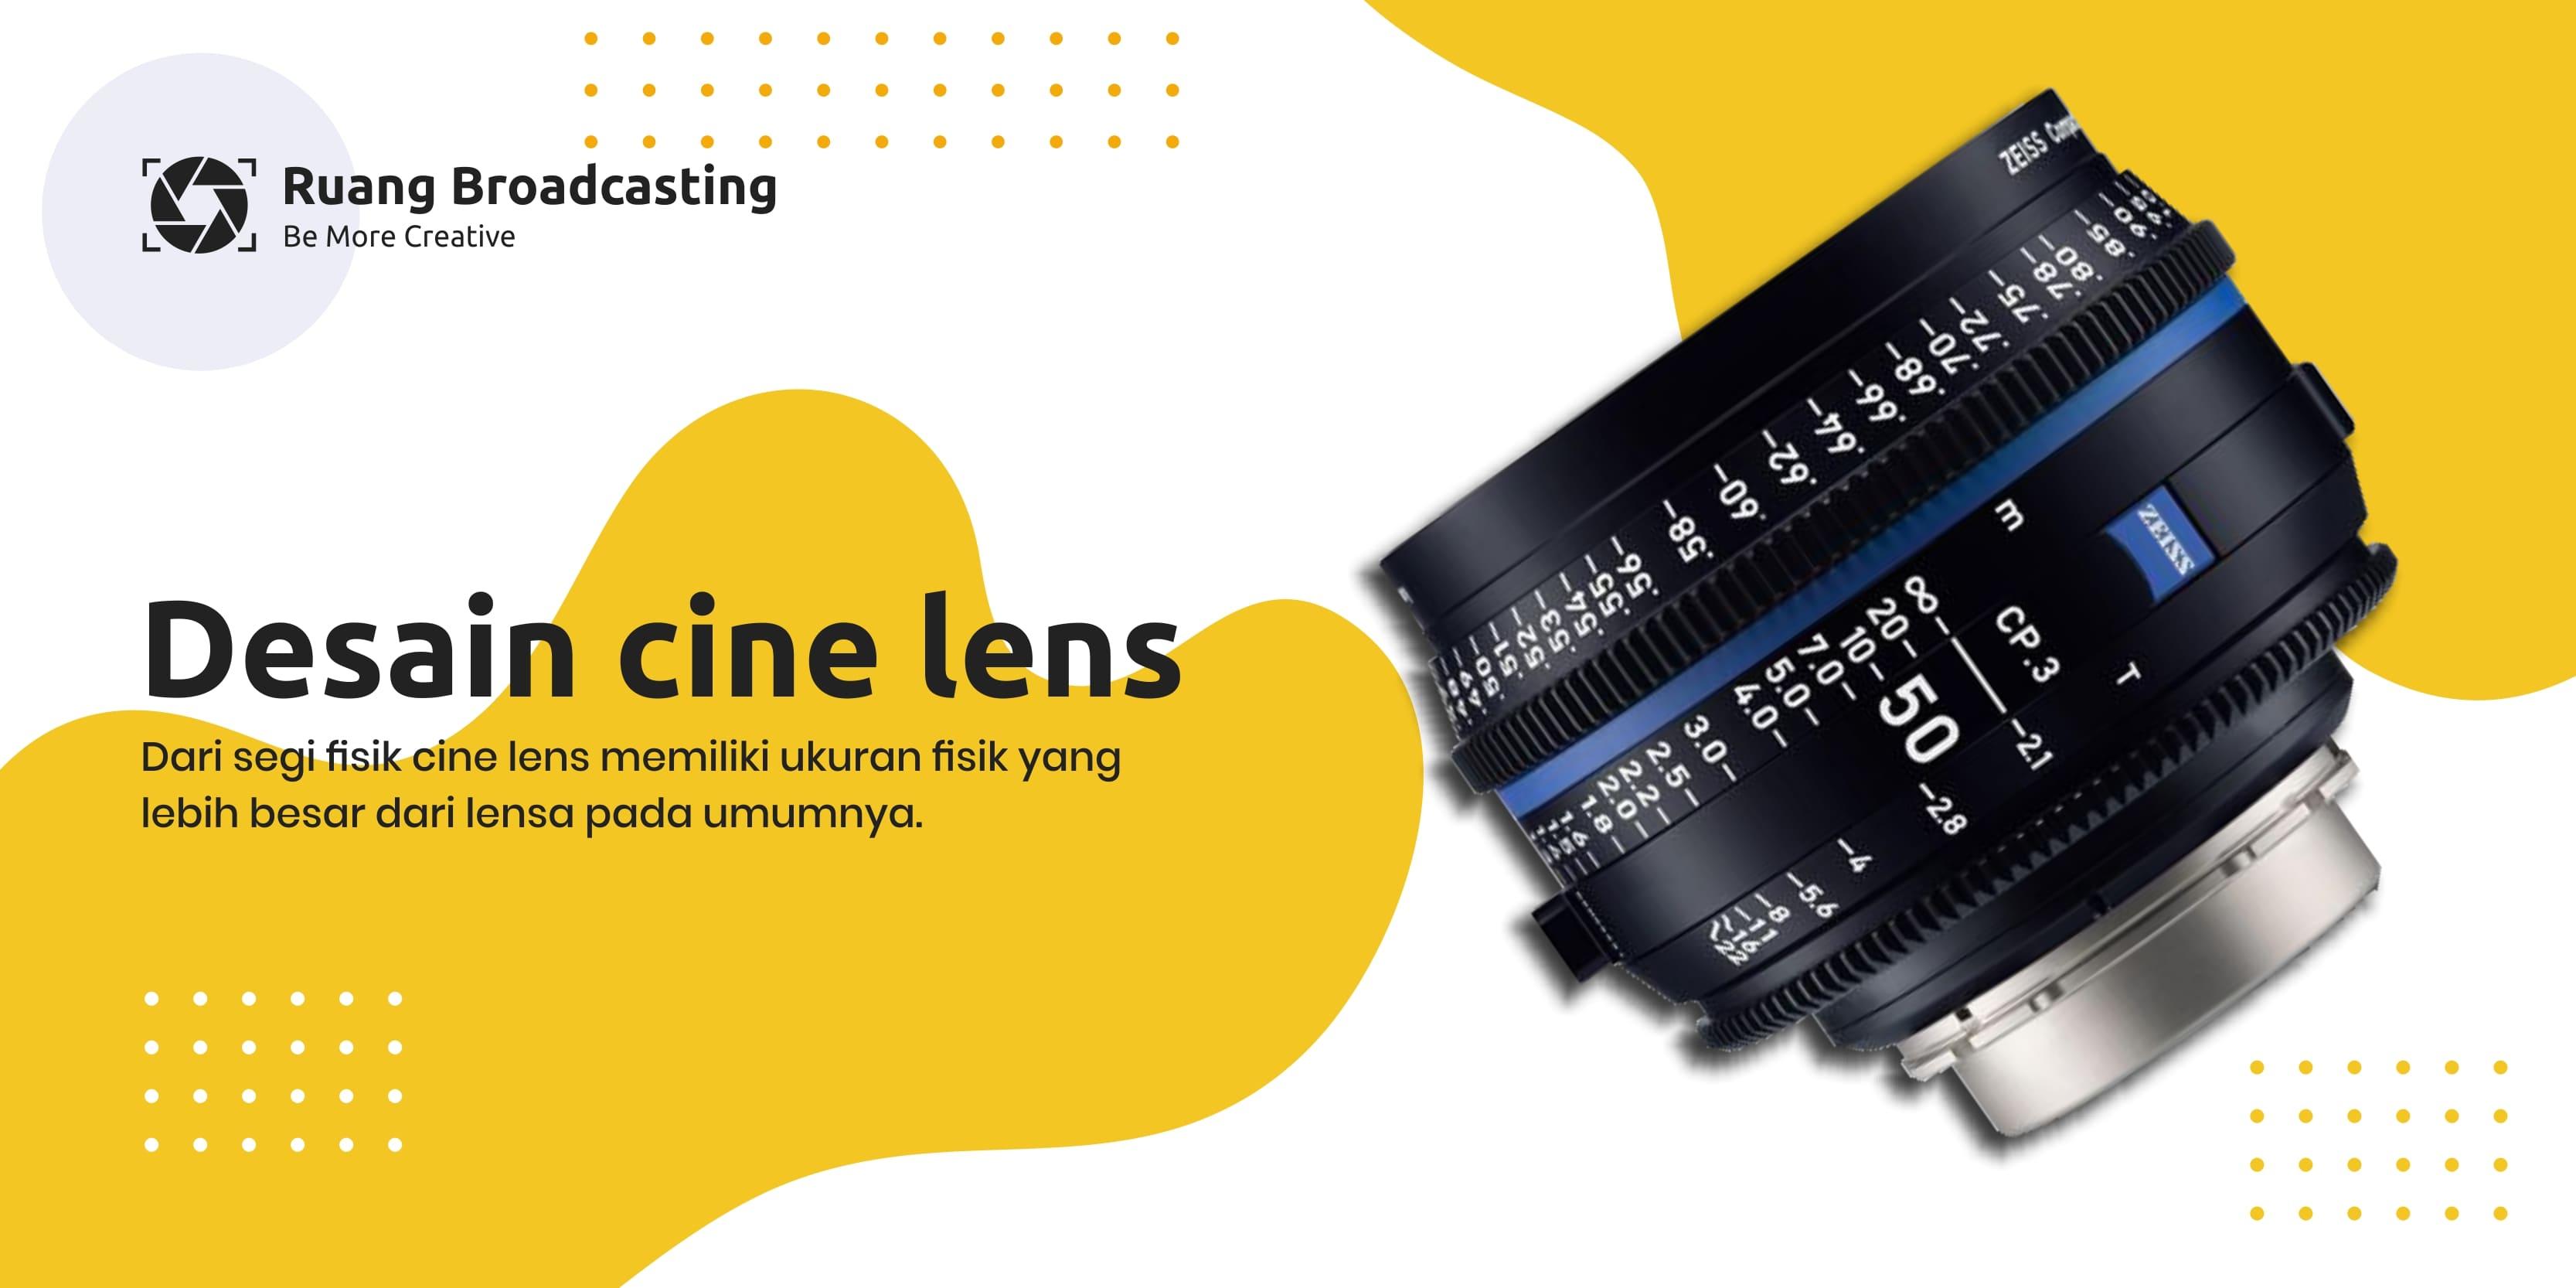 Cine lens dan lensa biasa, ini perbedaannya